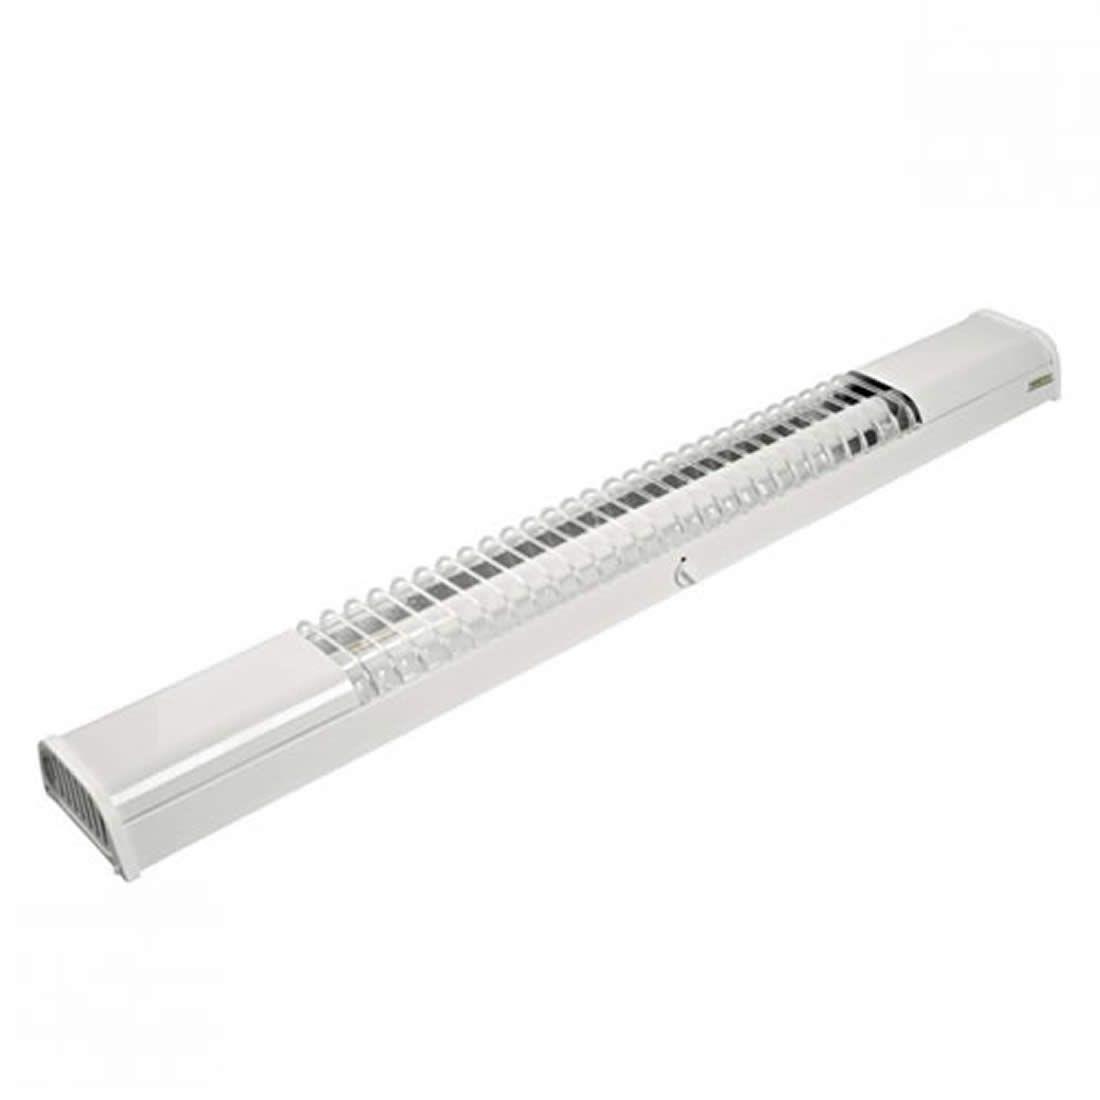 Luminária de Led Taschibra Brilhare 40/1 Bivolt 6500K